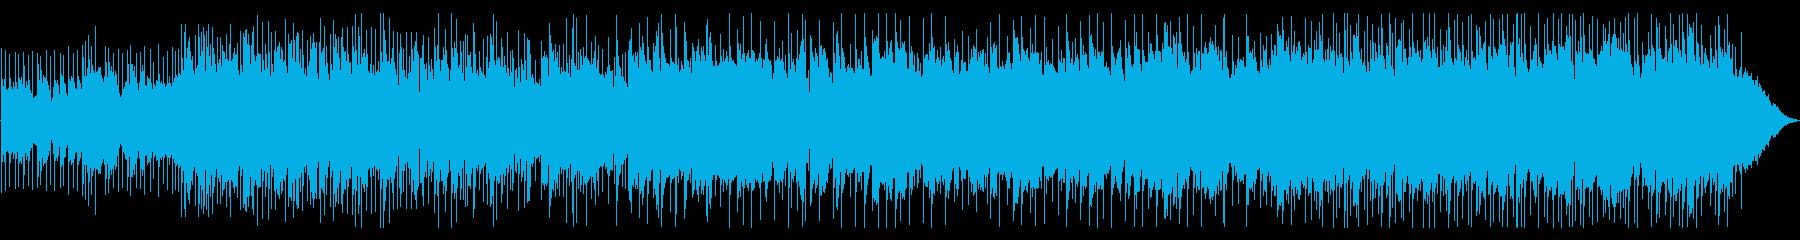 爽やかなポップBGMの再生済みの波形